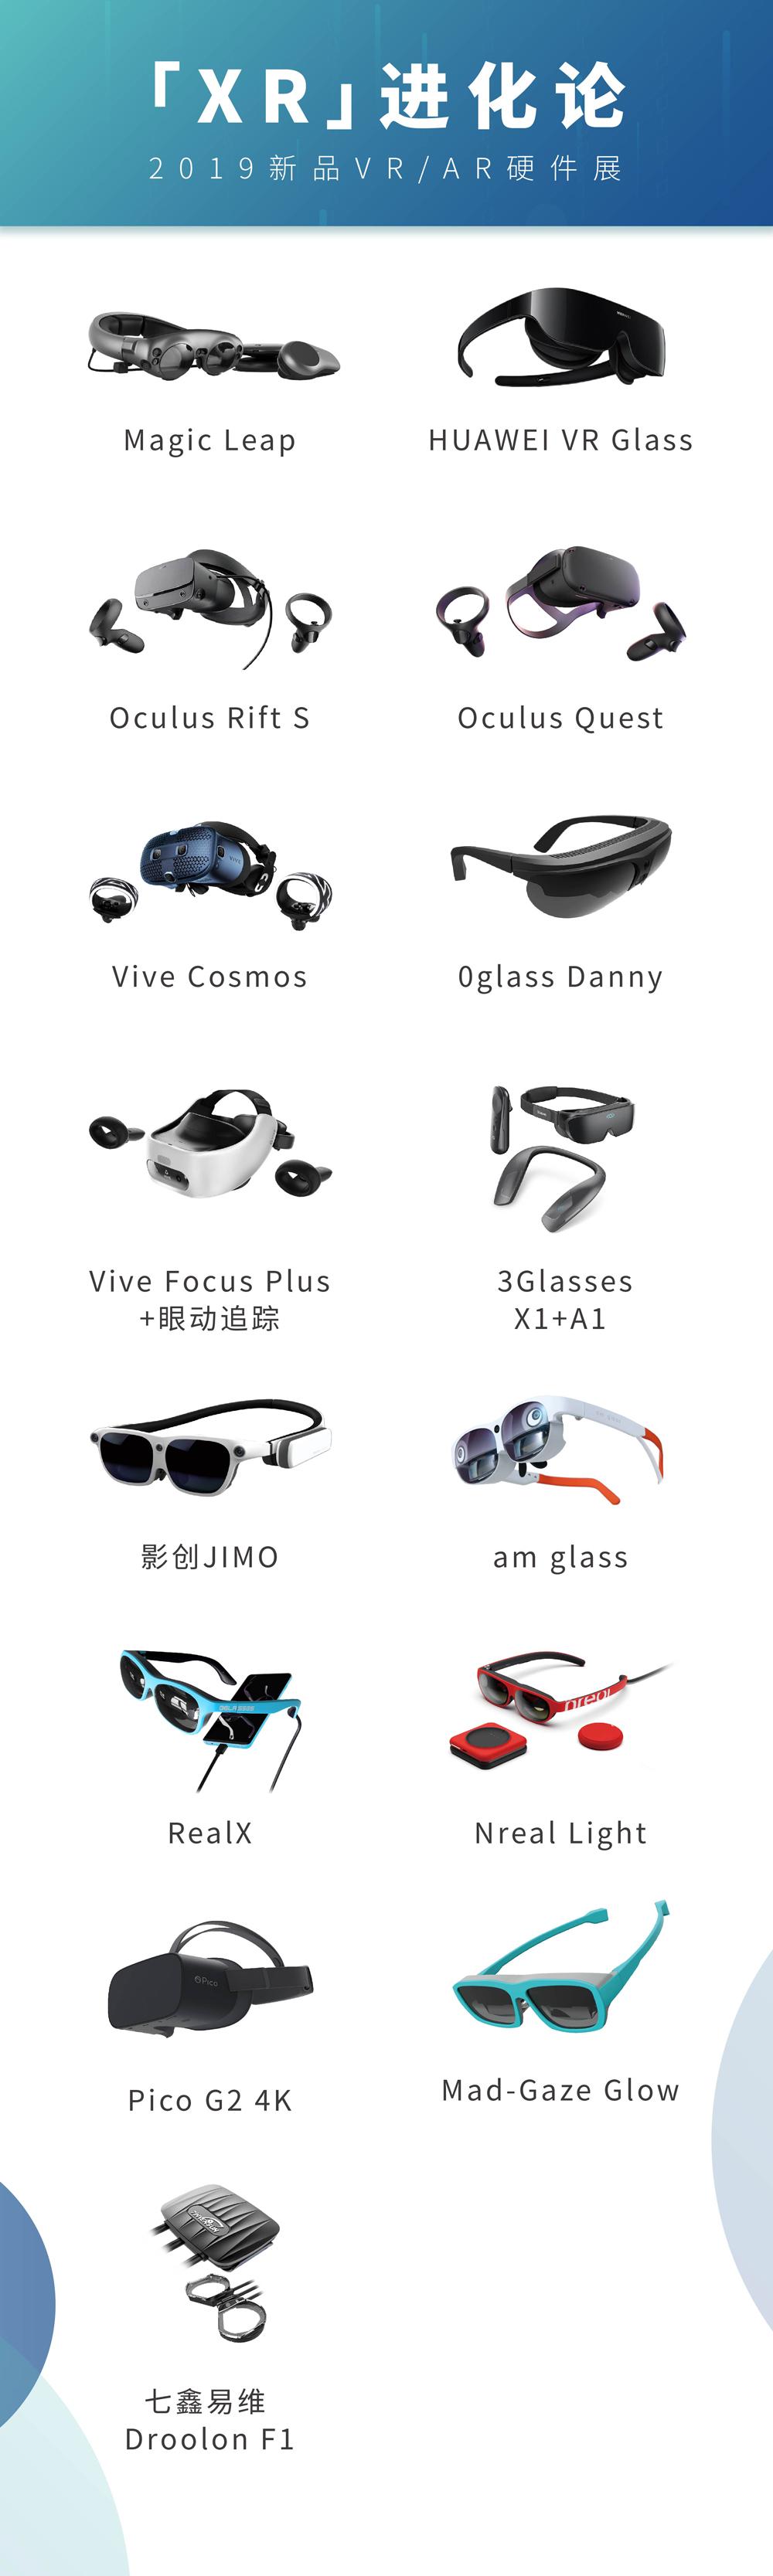 全球VR/AR产业发展峰会12月5日开幕